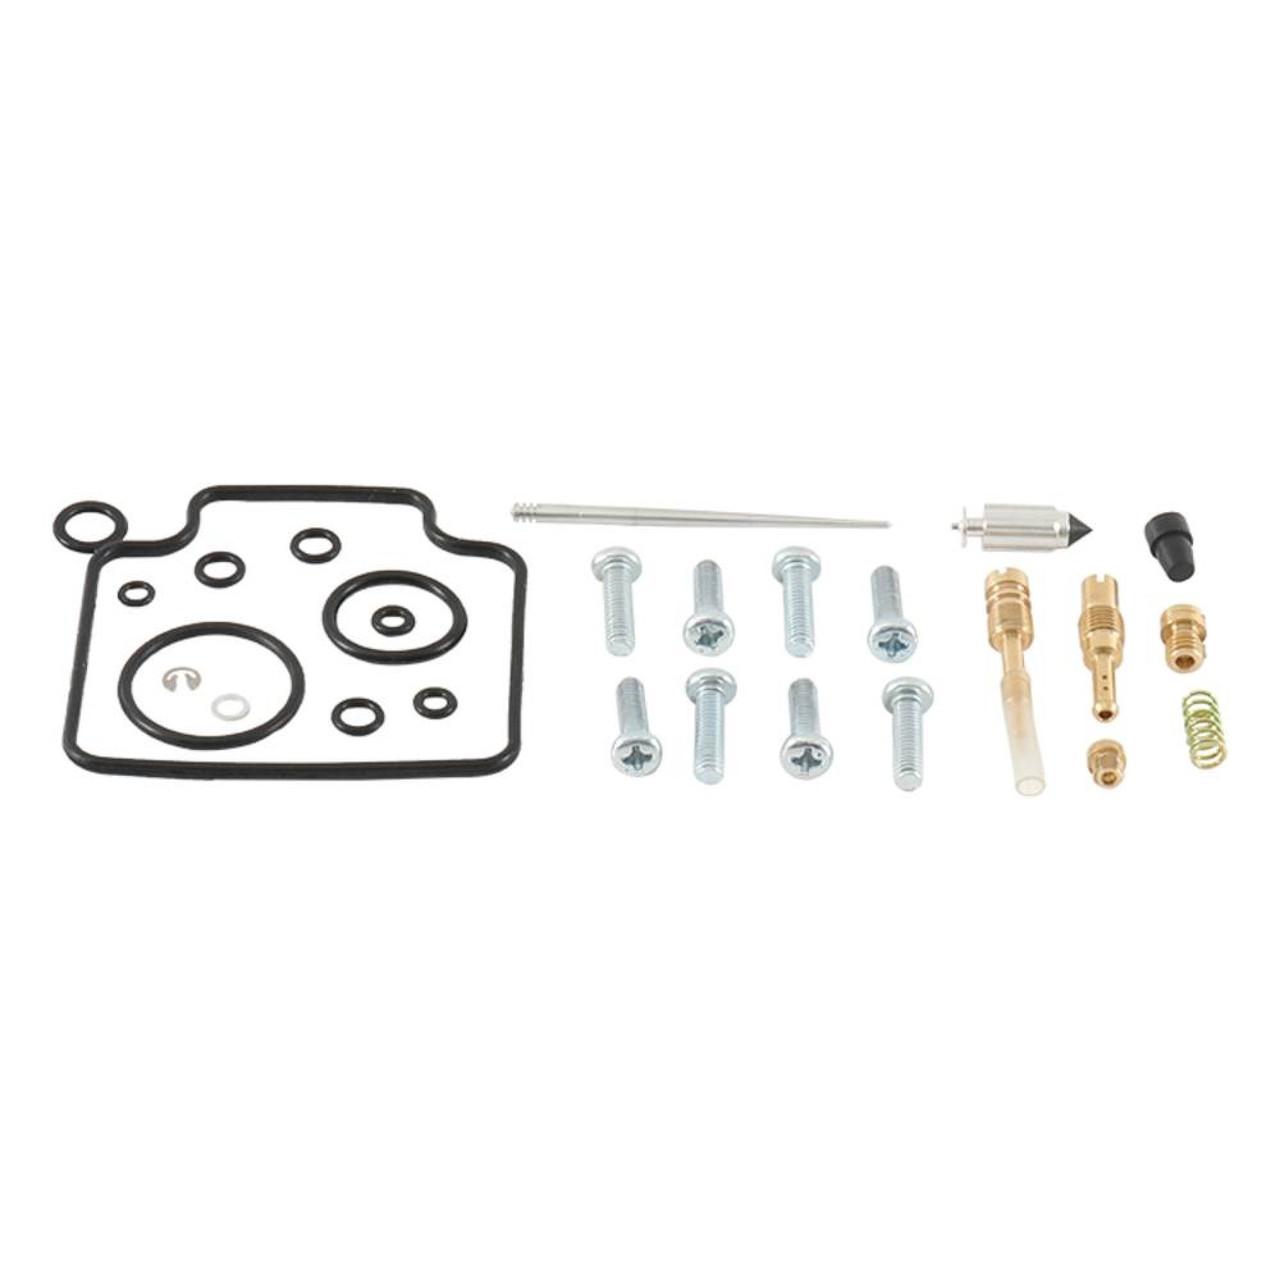 Carburetor Rebuild Kit For 2004 Honda TRX400FA FourTrax Rancher AT~All Balls